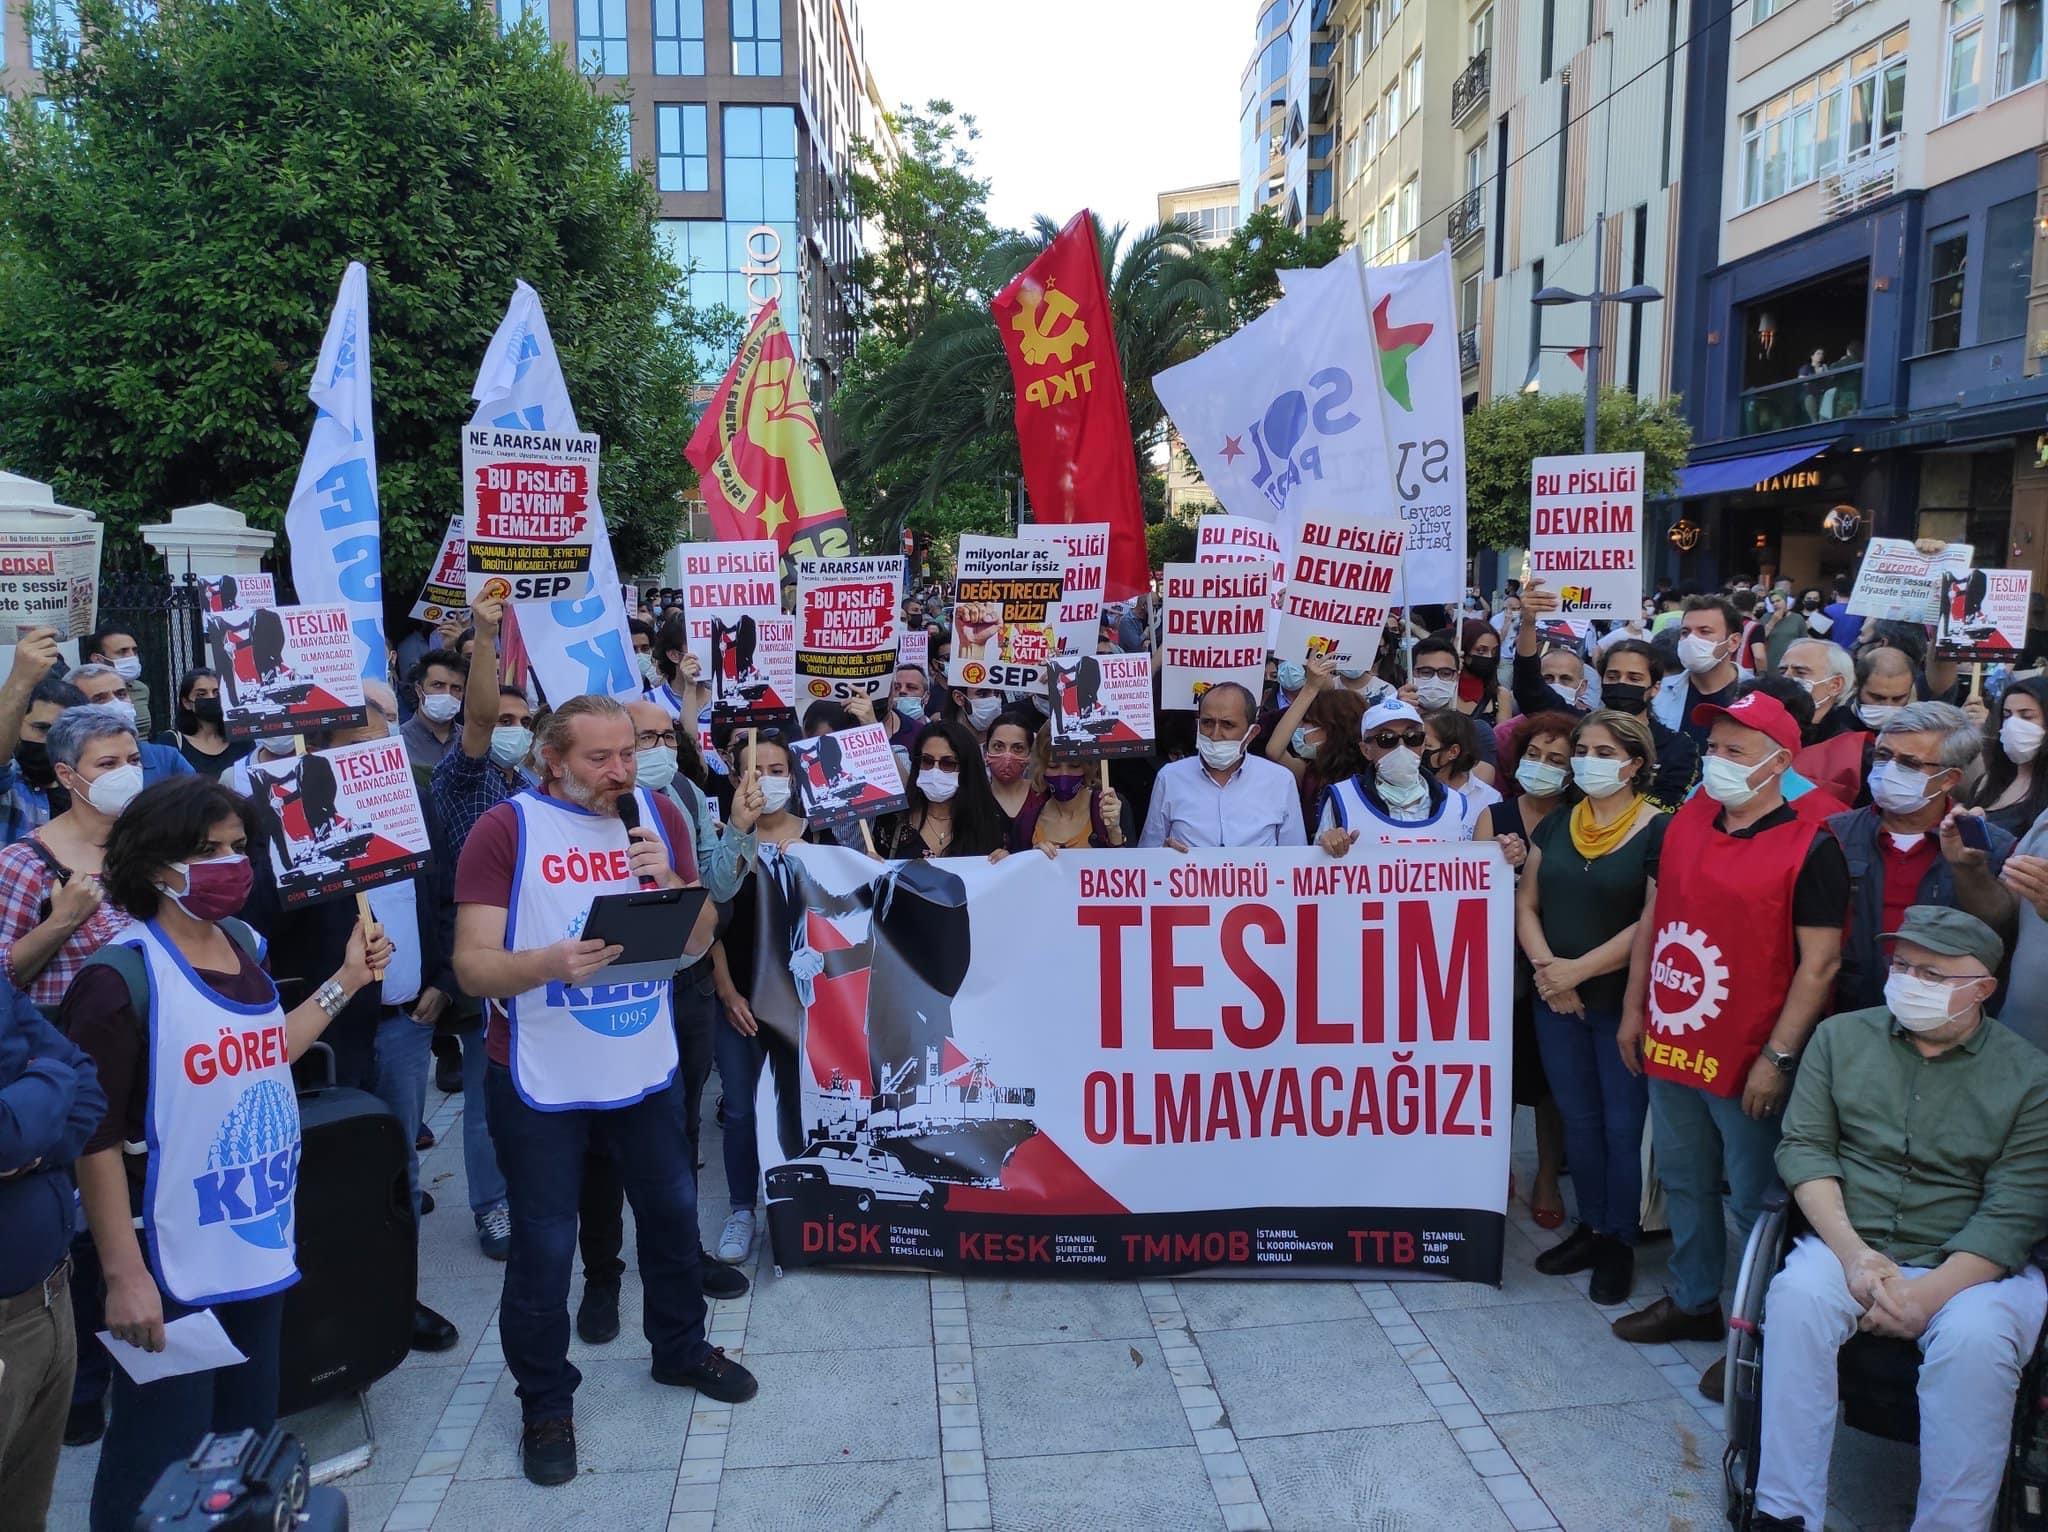 """DİSK, KESK, TMMOB, TTB: """"Hükümeti istifaya çağırıyoruz"""""""